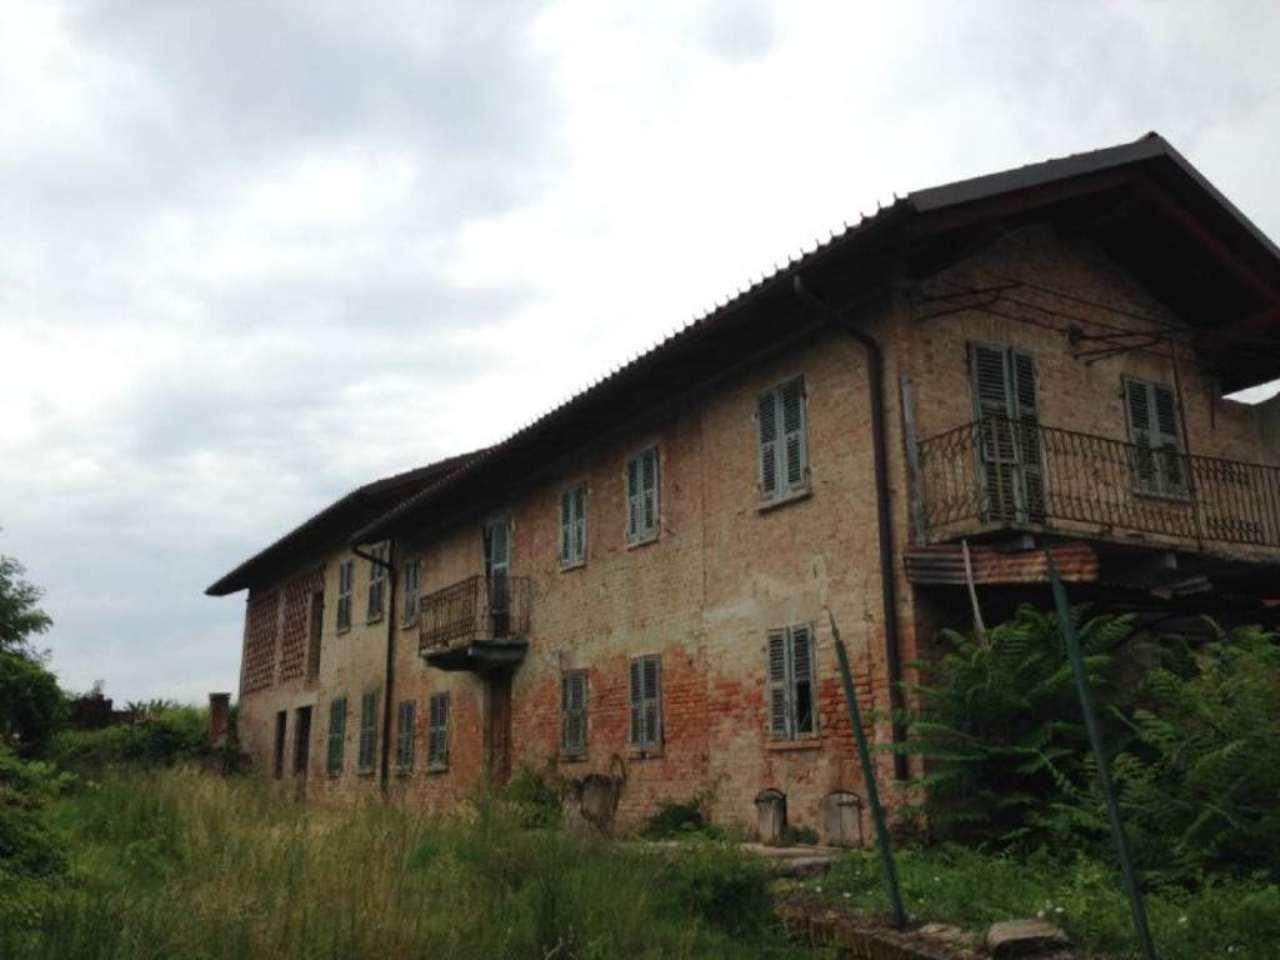 Rustico / Casale in vendita a Montegrosso d'Asti, 9999 locali, prezzo € 135.000 | Cambio Casa.it